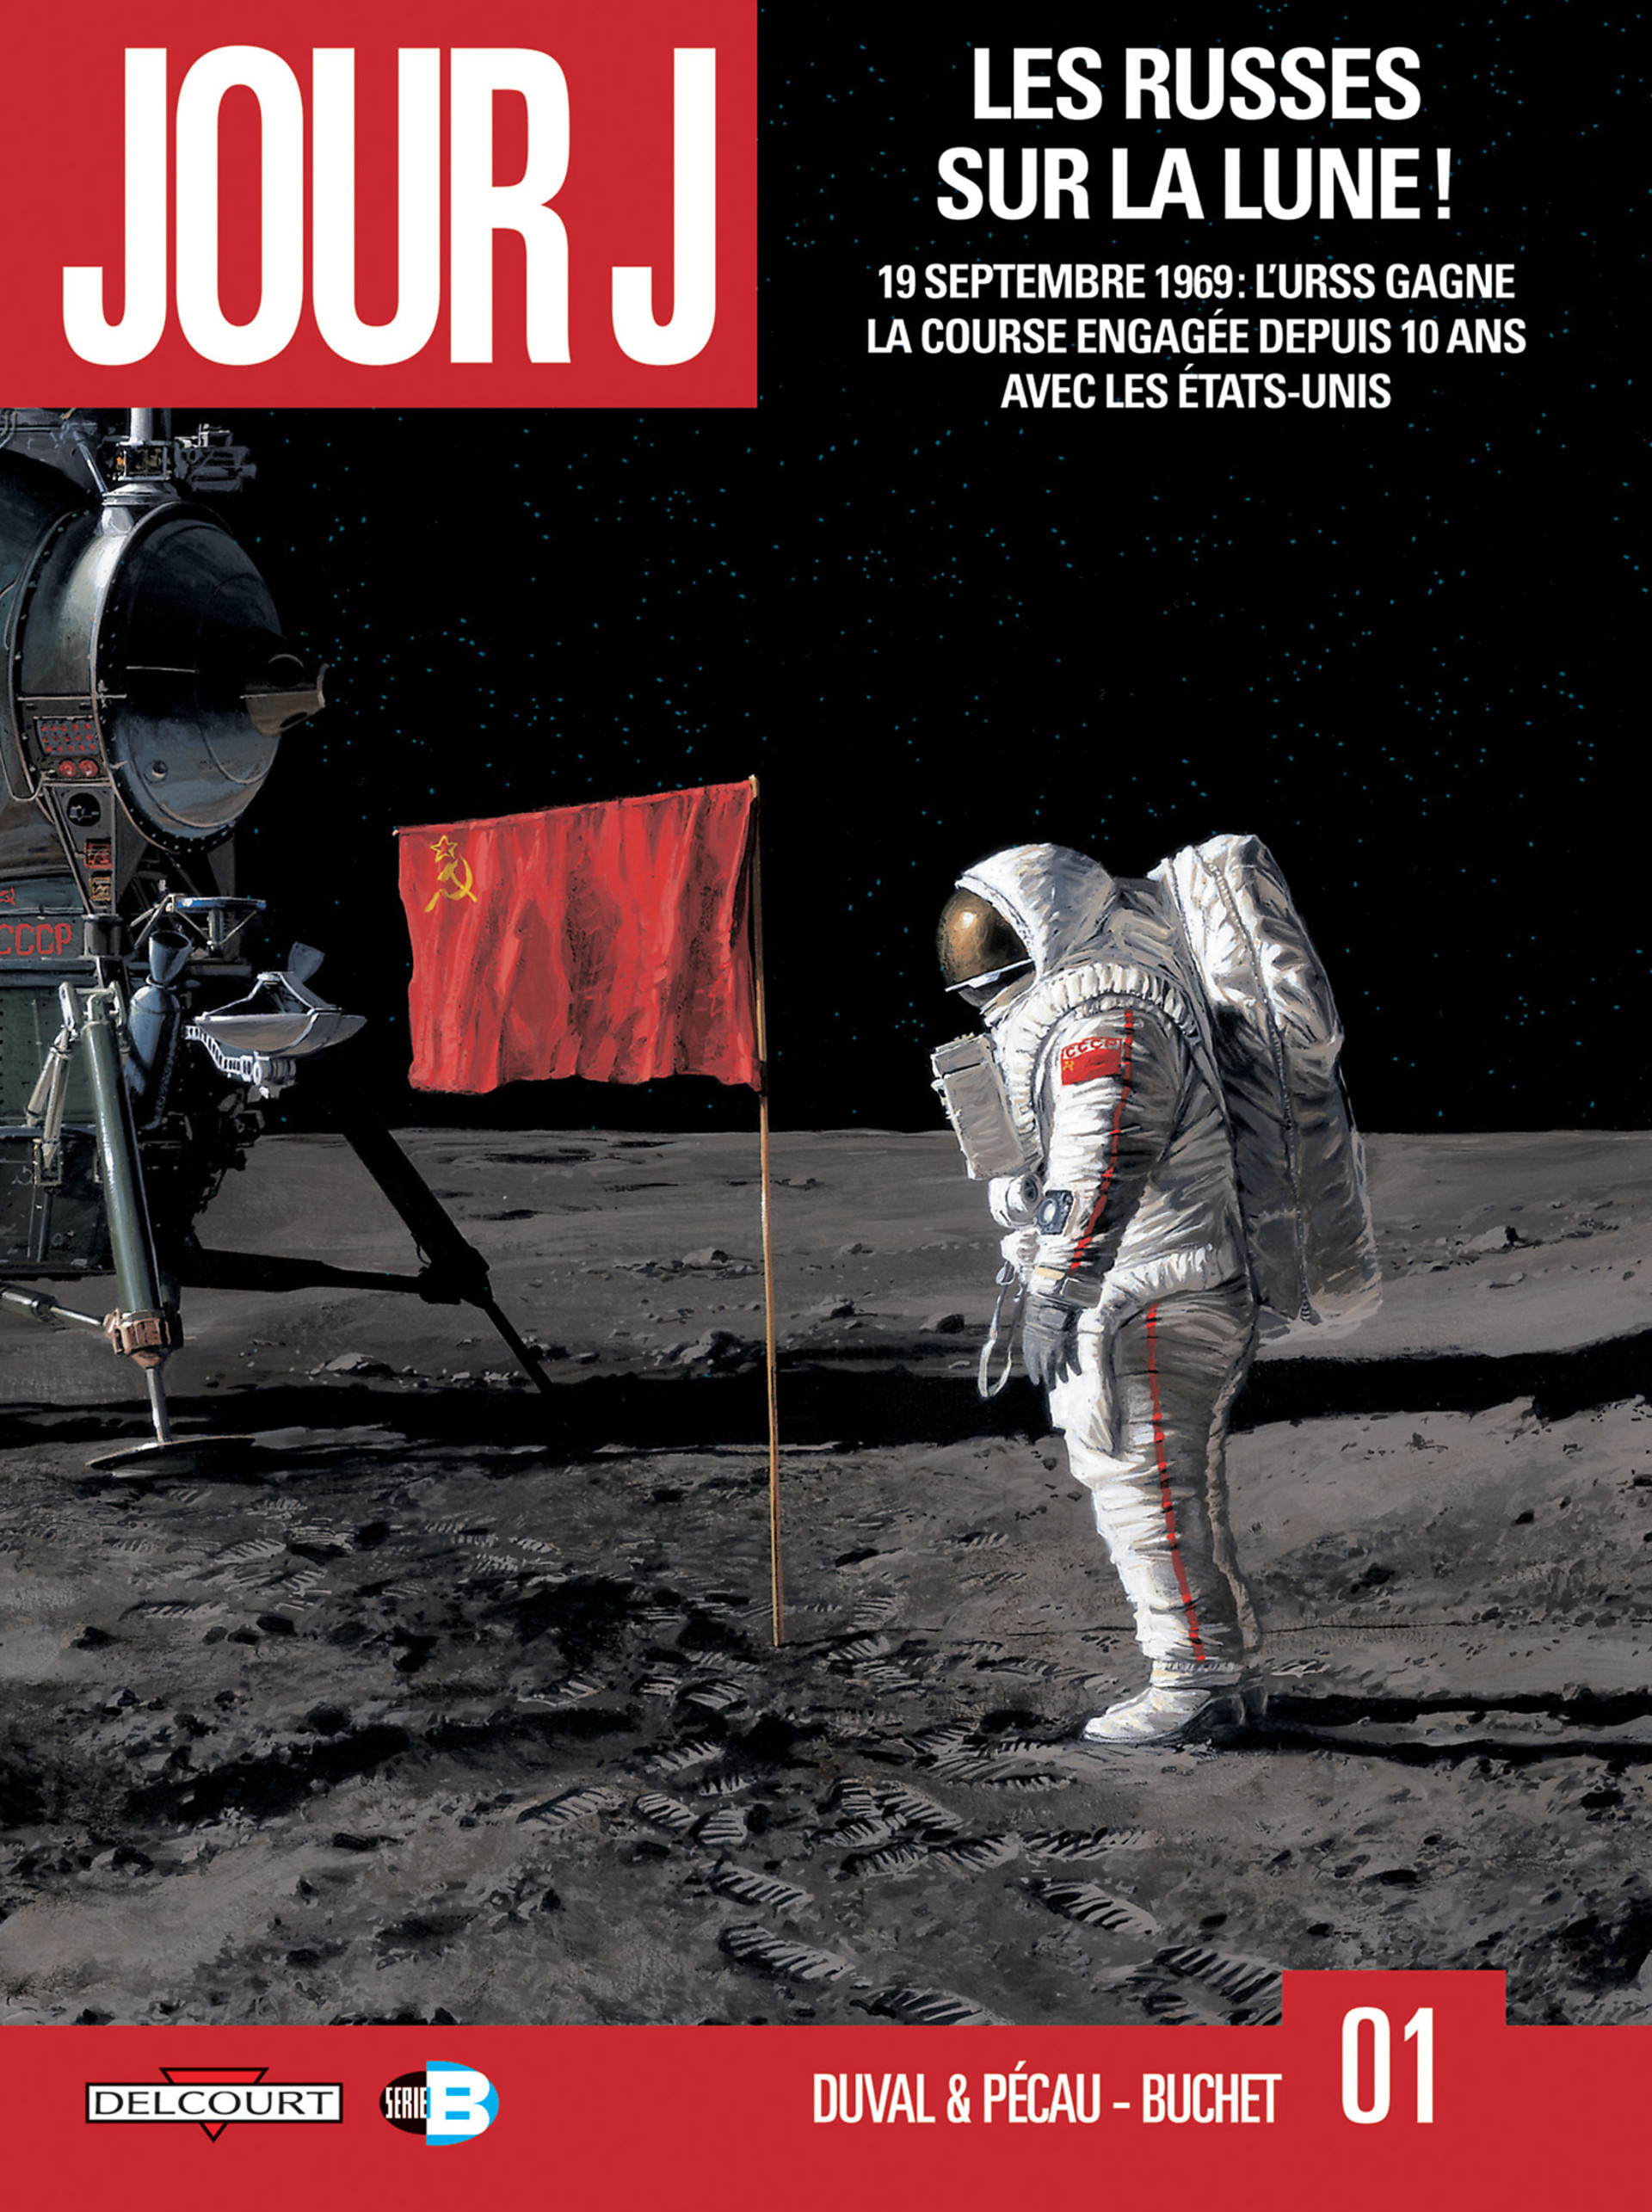 Jour J, les Russes sur la Lune, 1969 l'URSS en tête